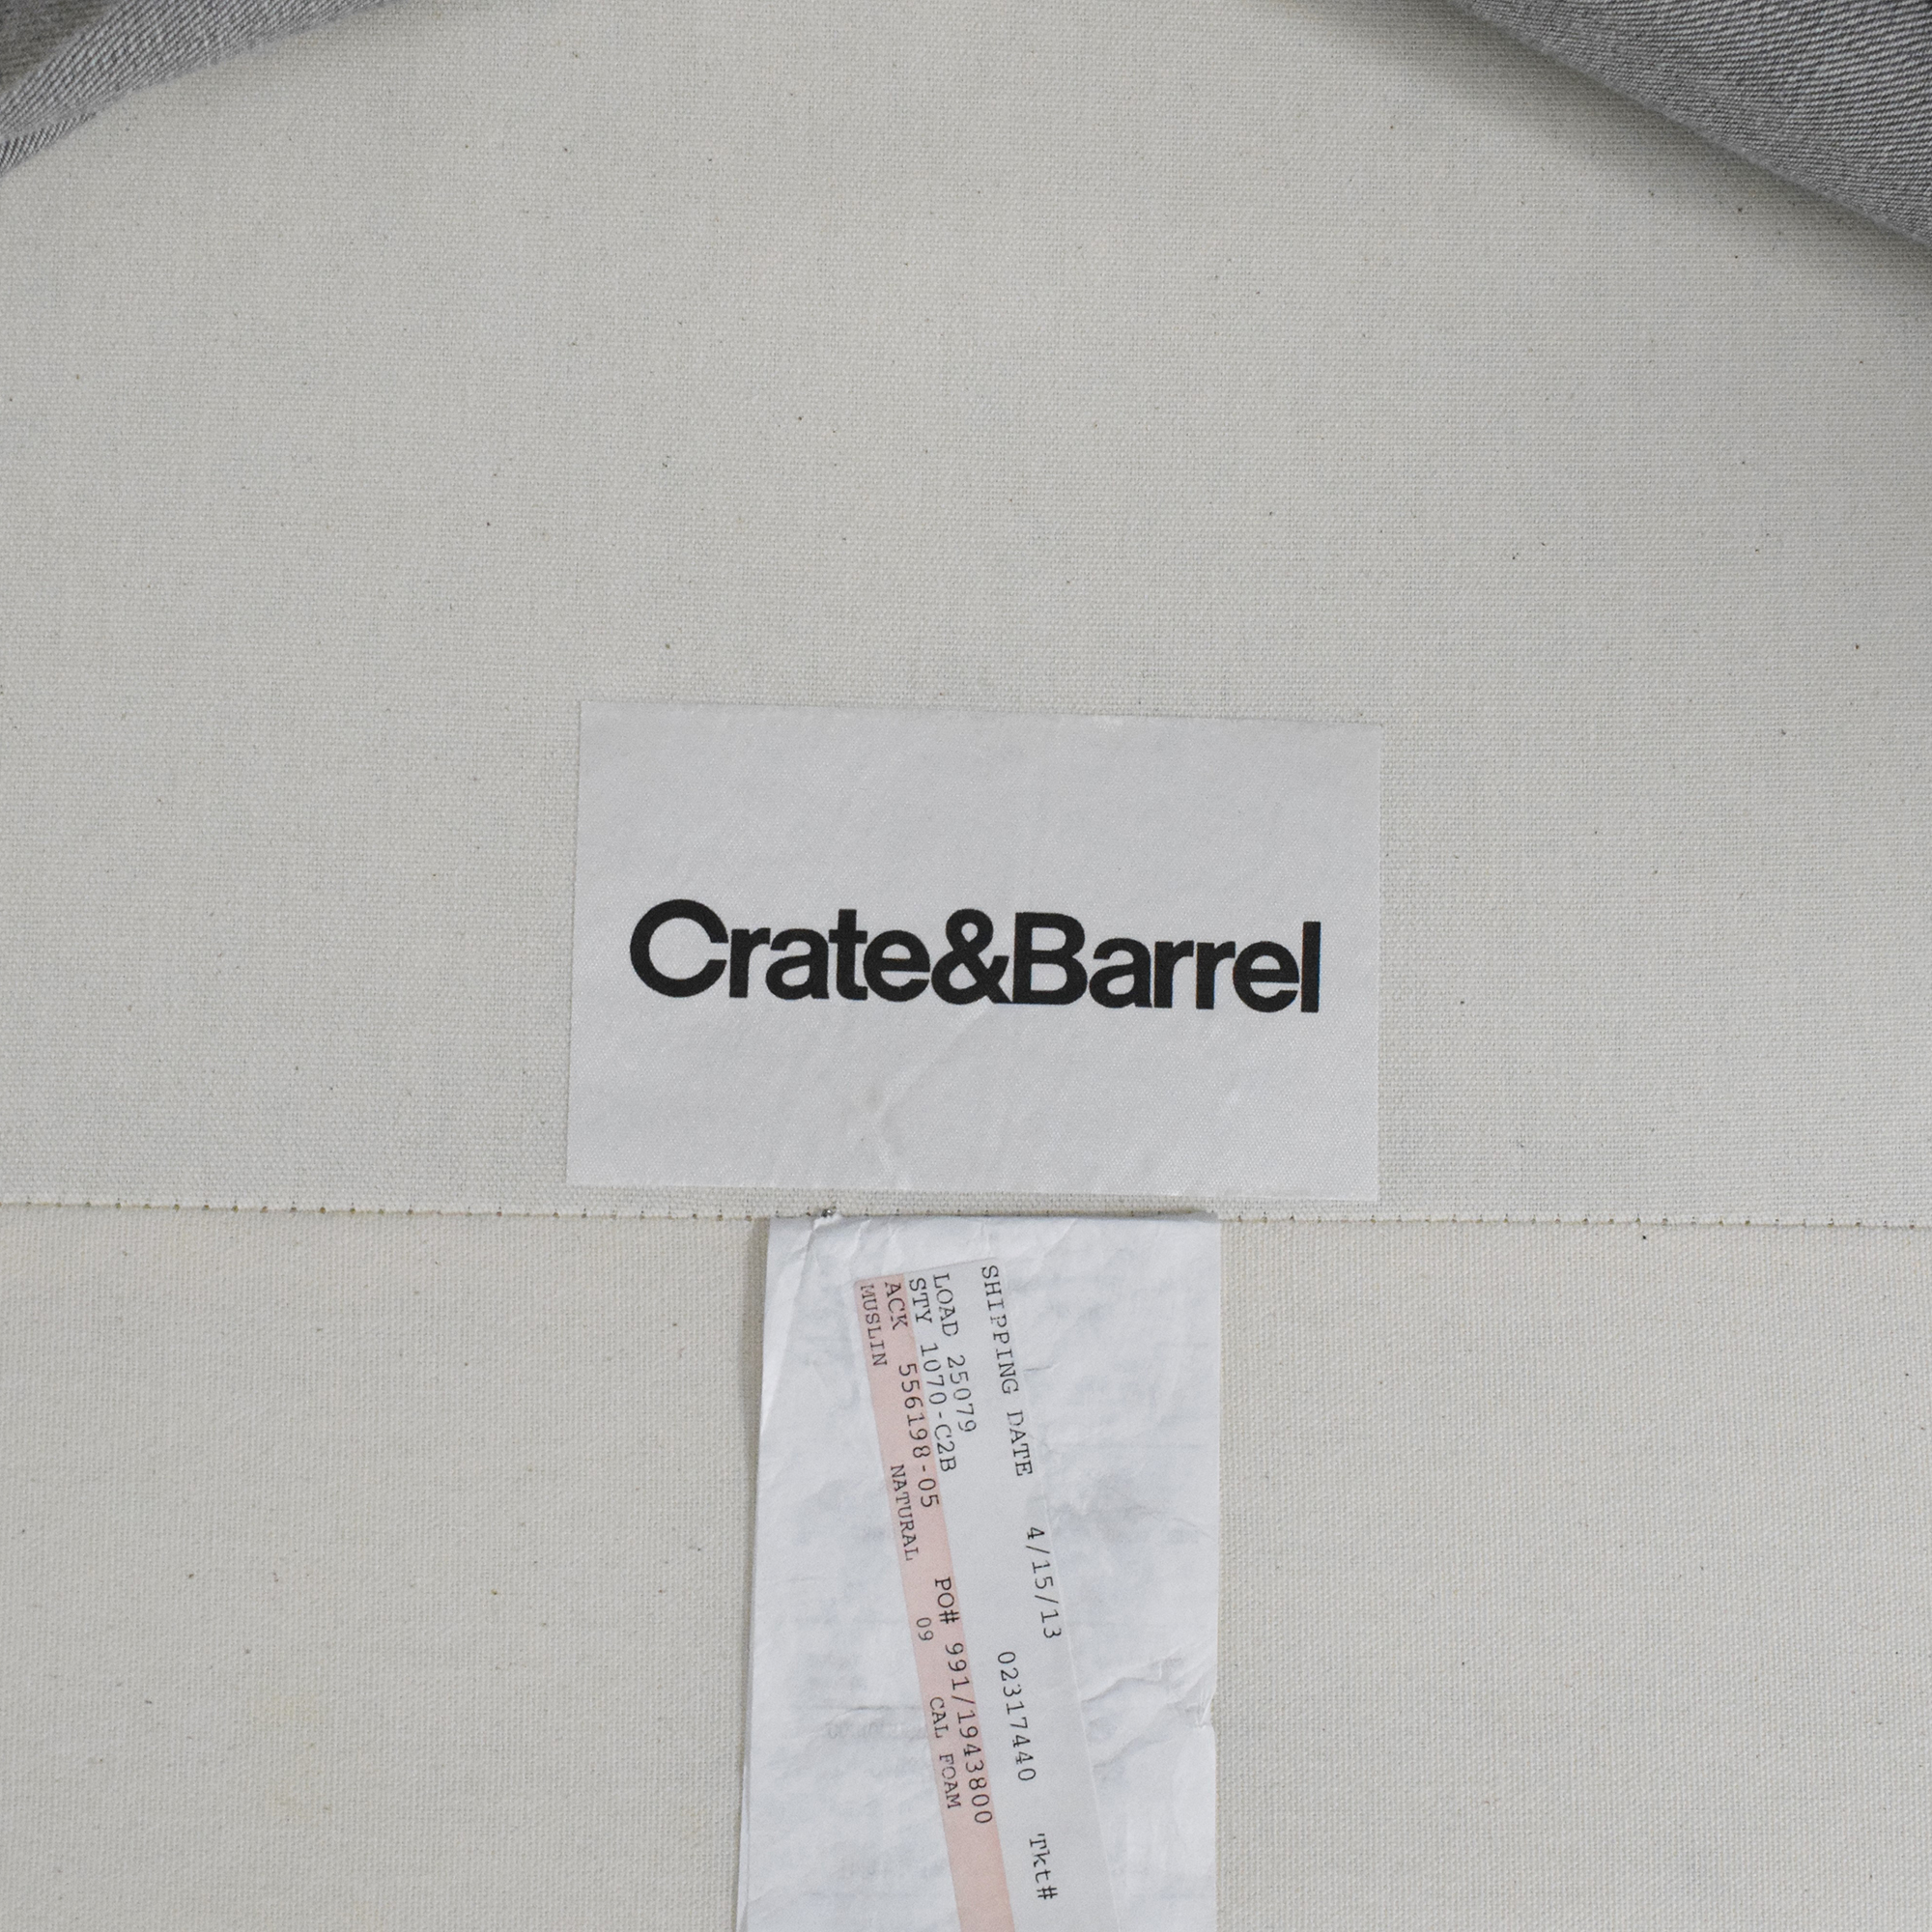 Crate & Barrel Crate & Barrel Chair and a Half nj